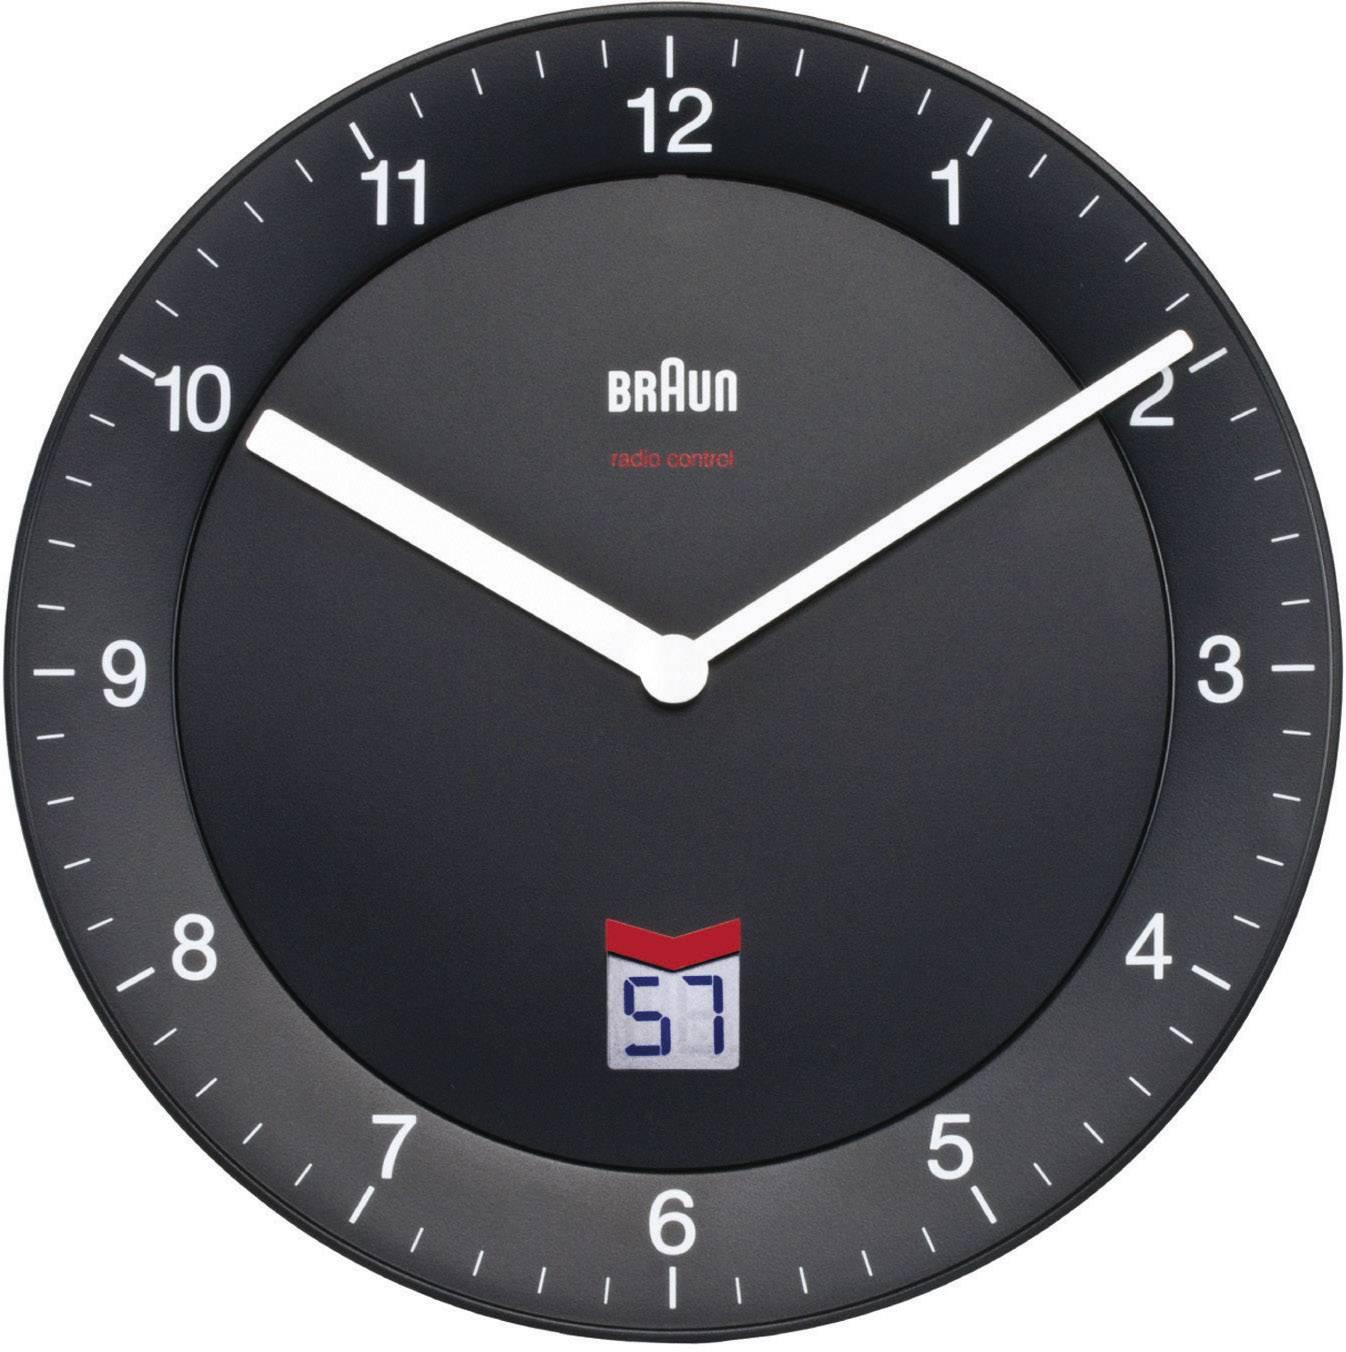 Analógové nástenné DCF hodiny Braun, 20 cm, čierne